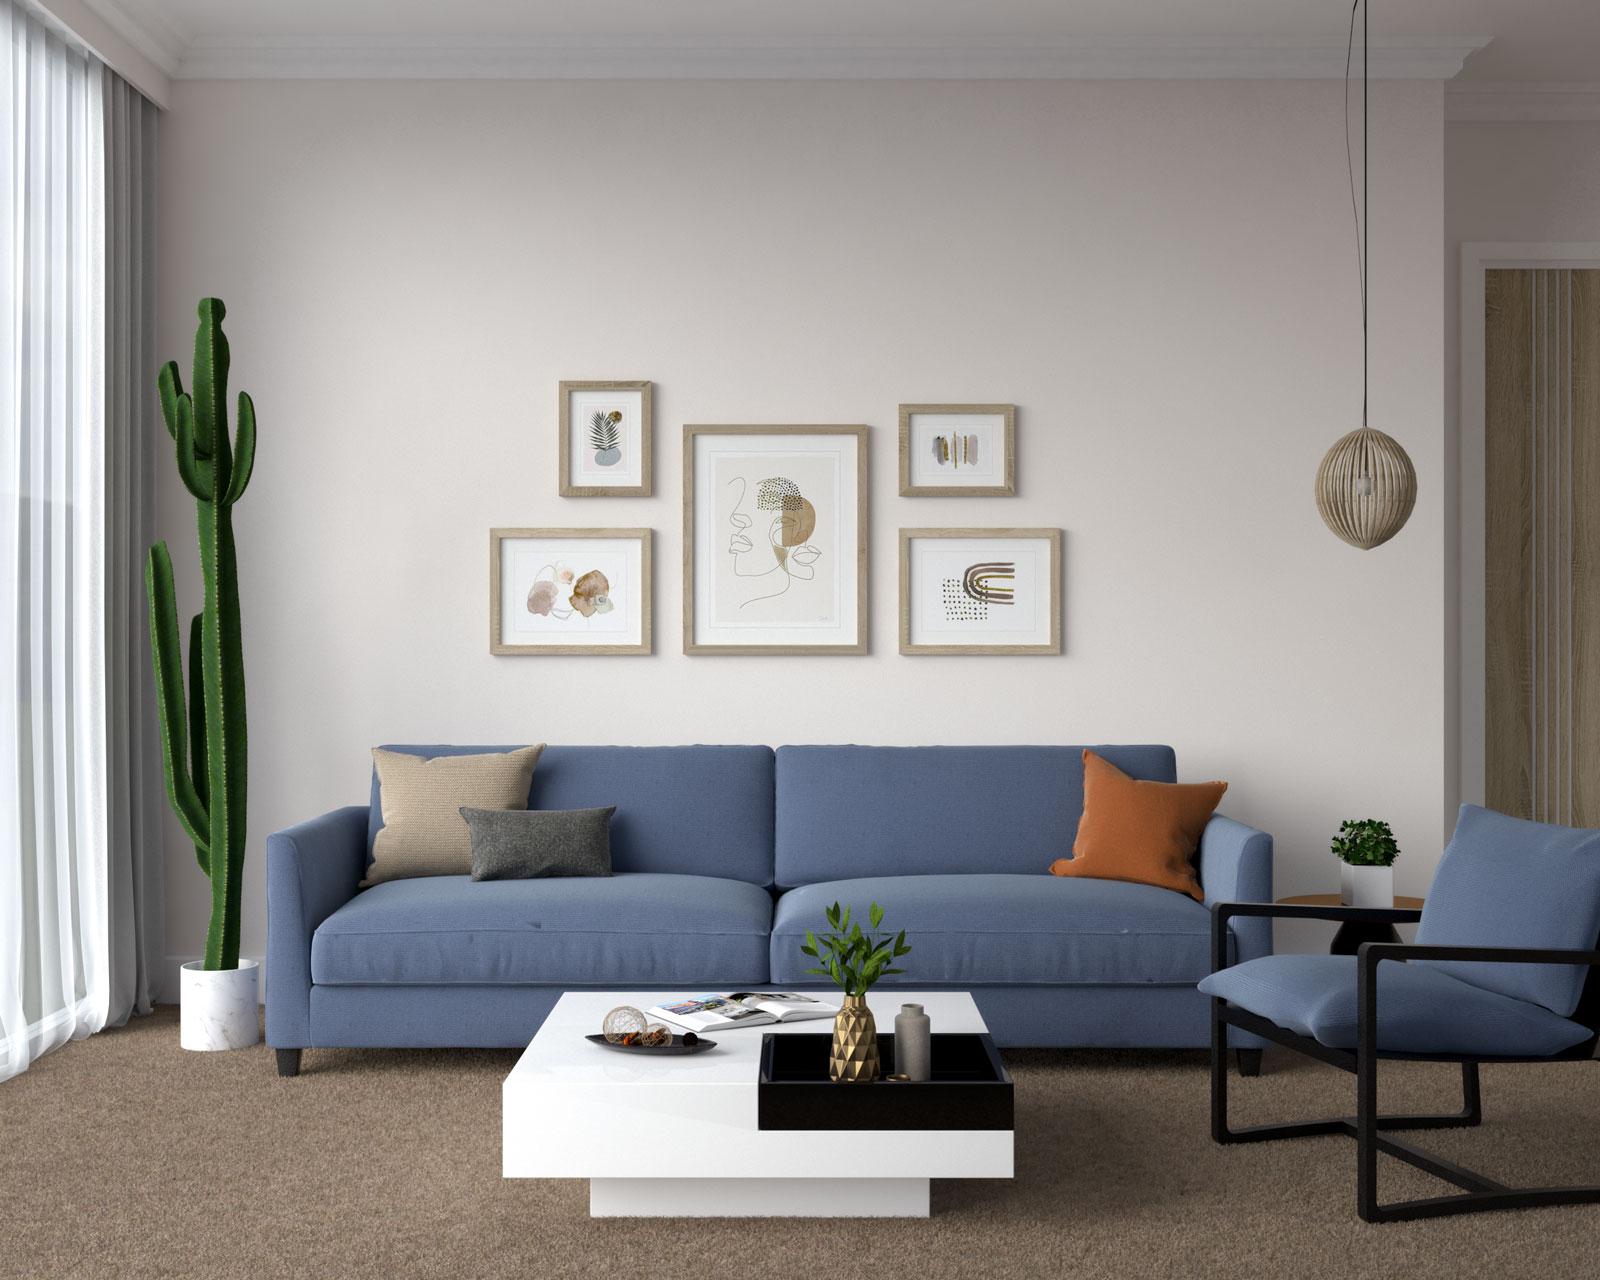 Denim blue couch with dark brown carpet flooring